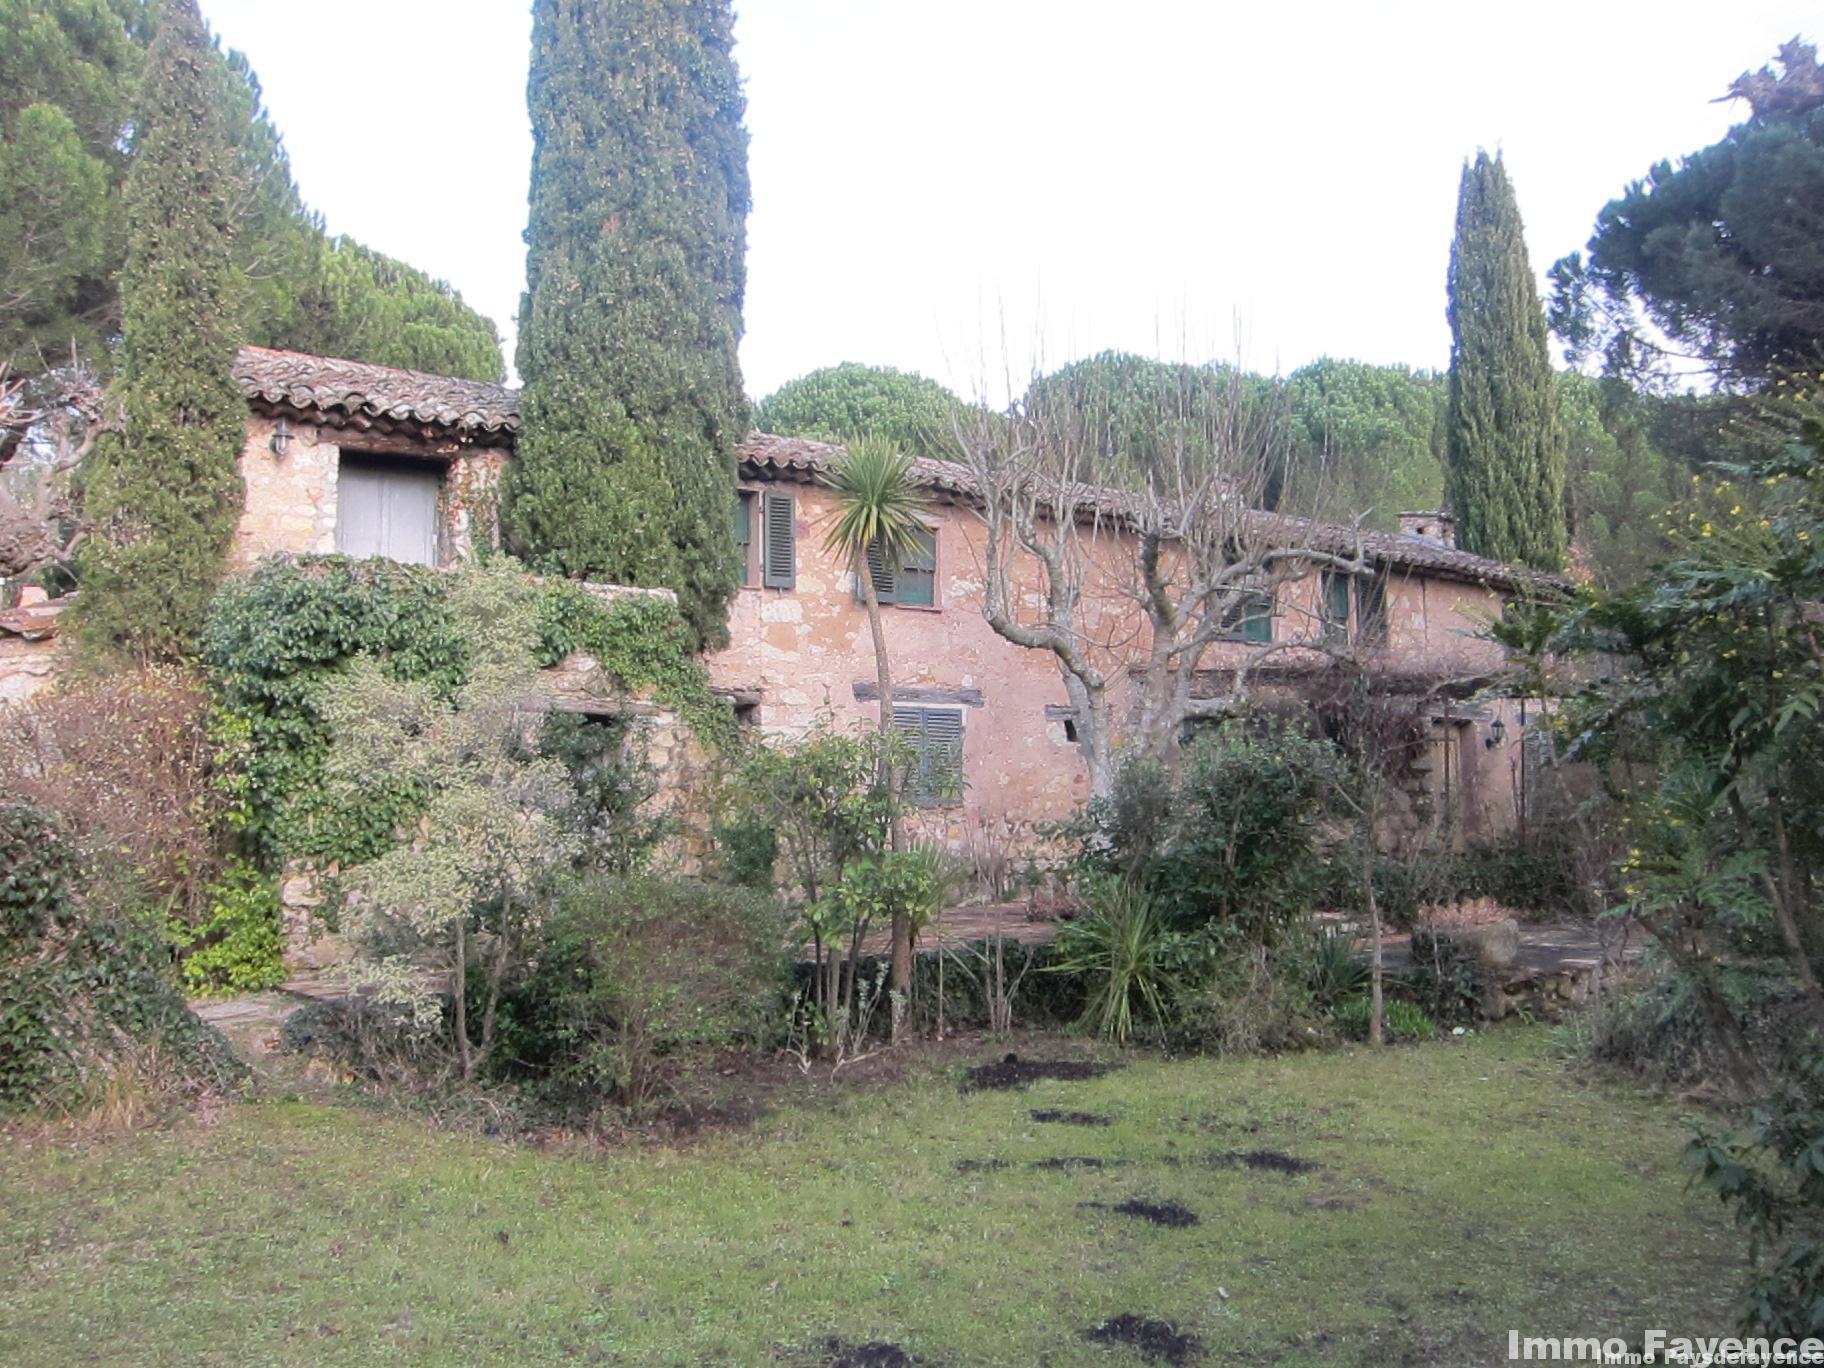 Pays de Fayence Immobilier Hameau 8 maisons sur 3 hectares